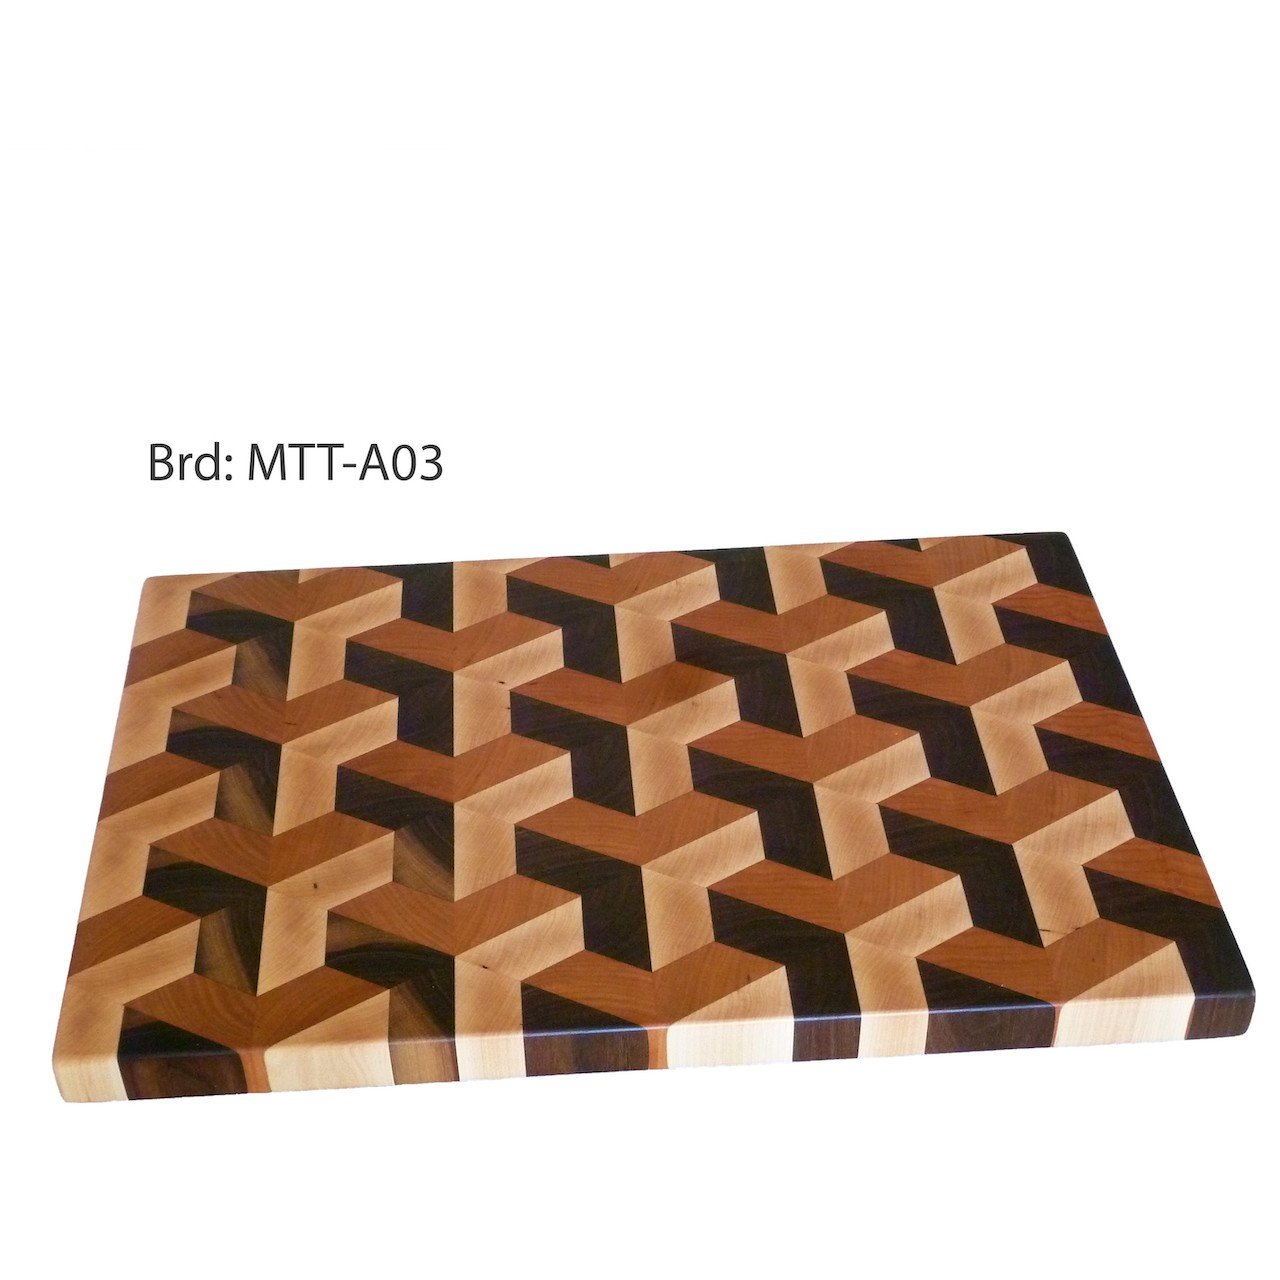 MTTT-A03